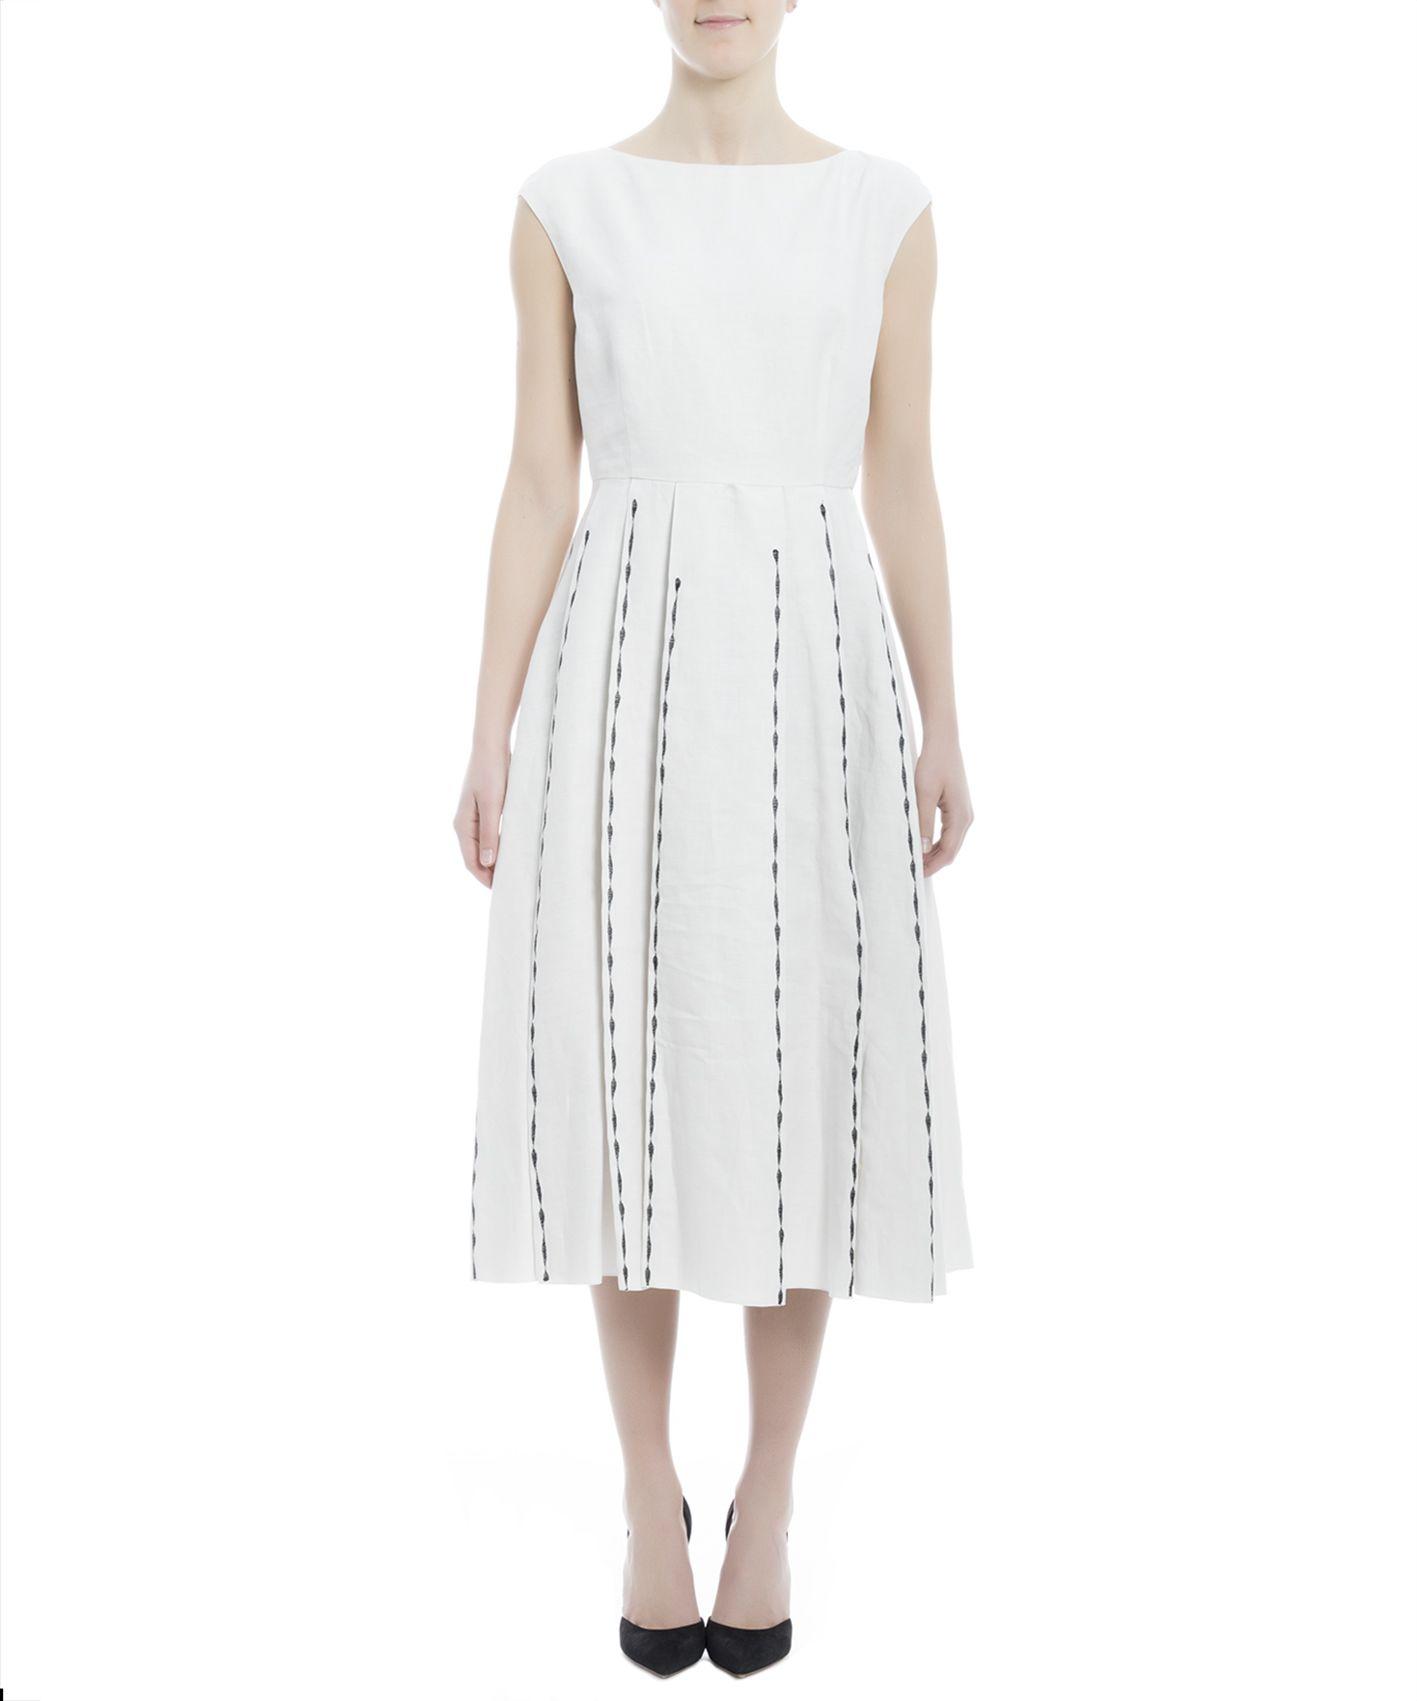 Bottega Veneta Linens WHITE LINEN DRESS